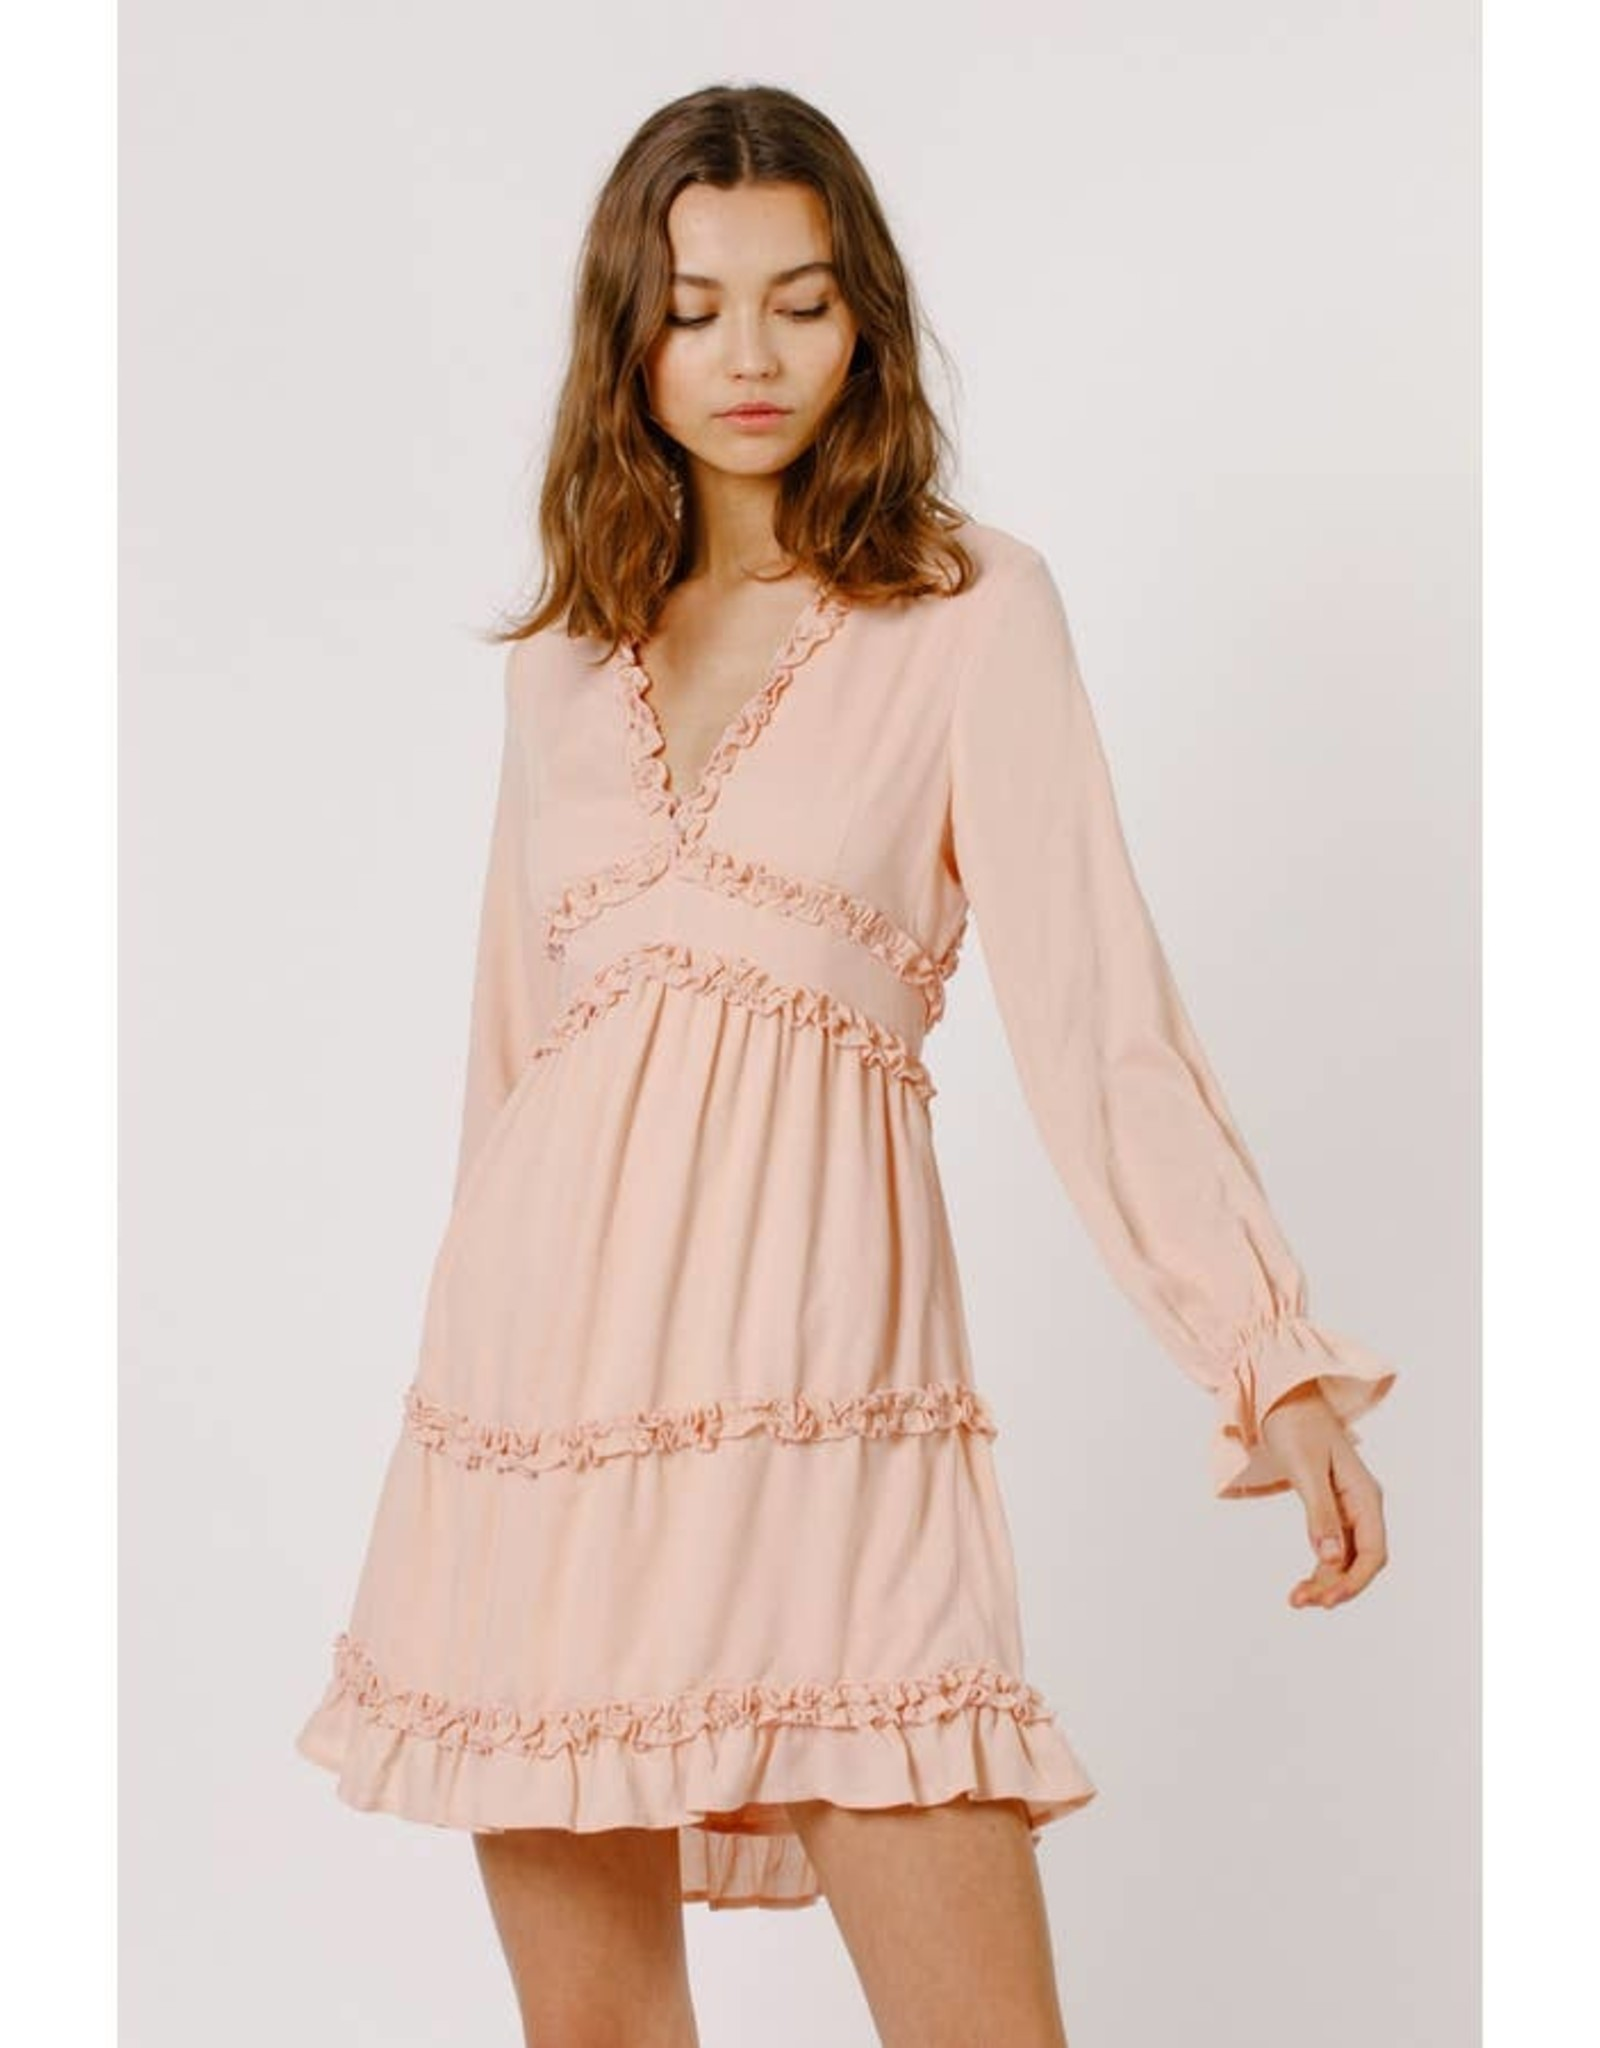 Frilly Ruffle Mini Dress